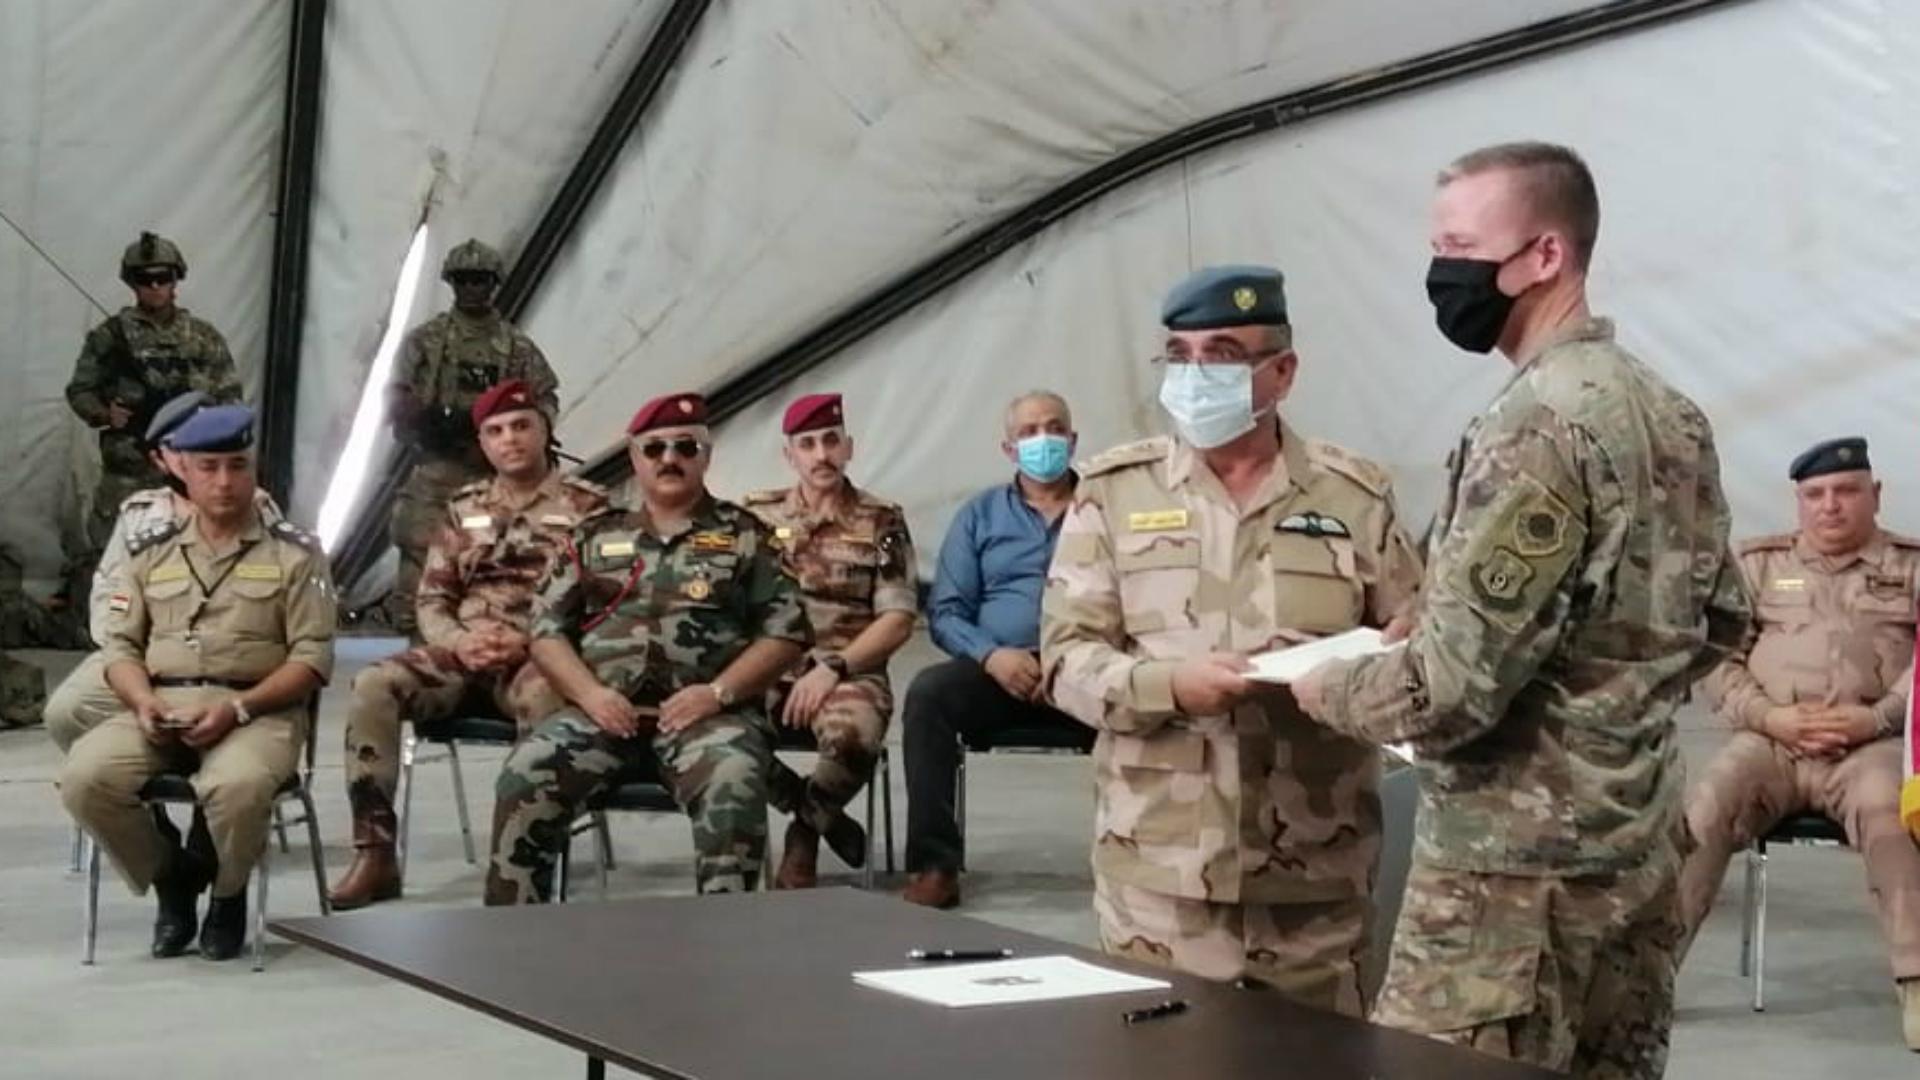 العمليات المشتركة: التحالف الدولي يسلم الموقع رقم 8 في معسكر التاجي